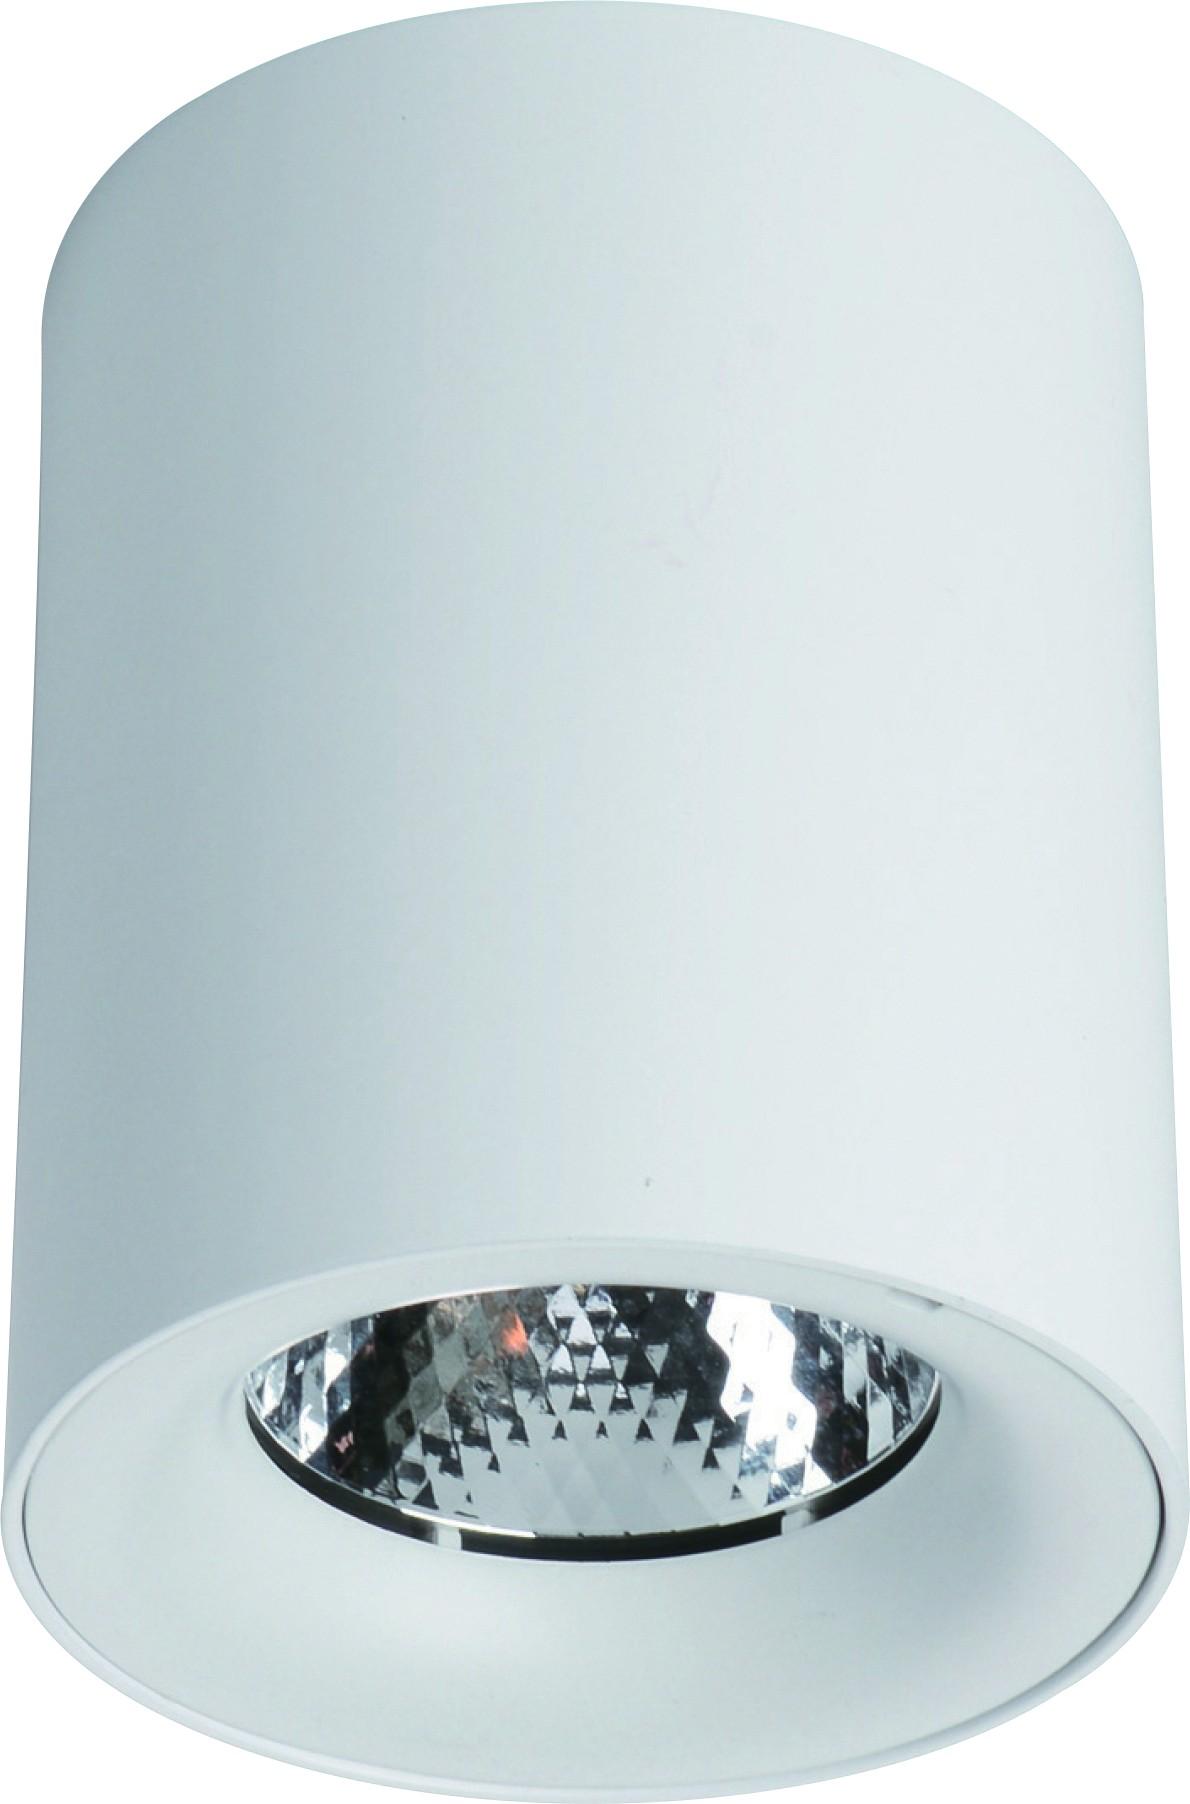 Светильник встраиваемый Arte lamp A5118pl-1wh arte lamp встраиваемый светодиодный светильник arte lamp cardani a1212pl 1wh